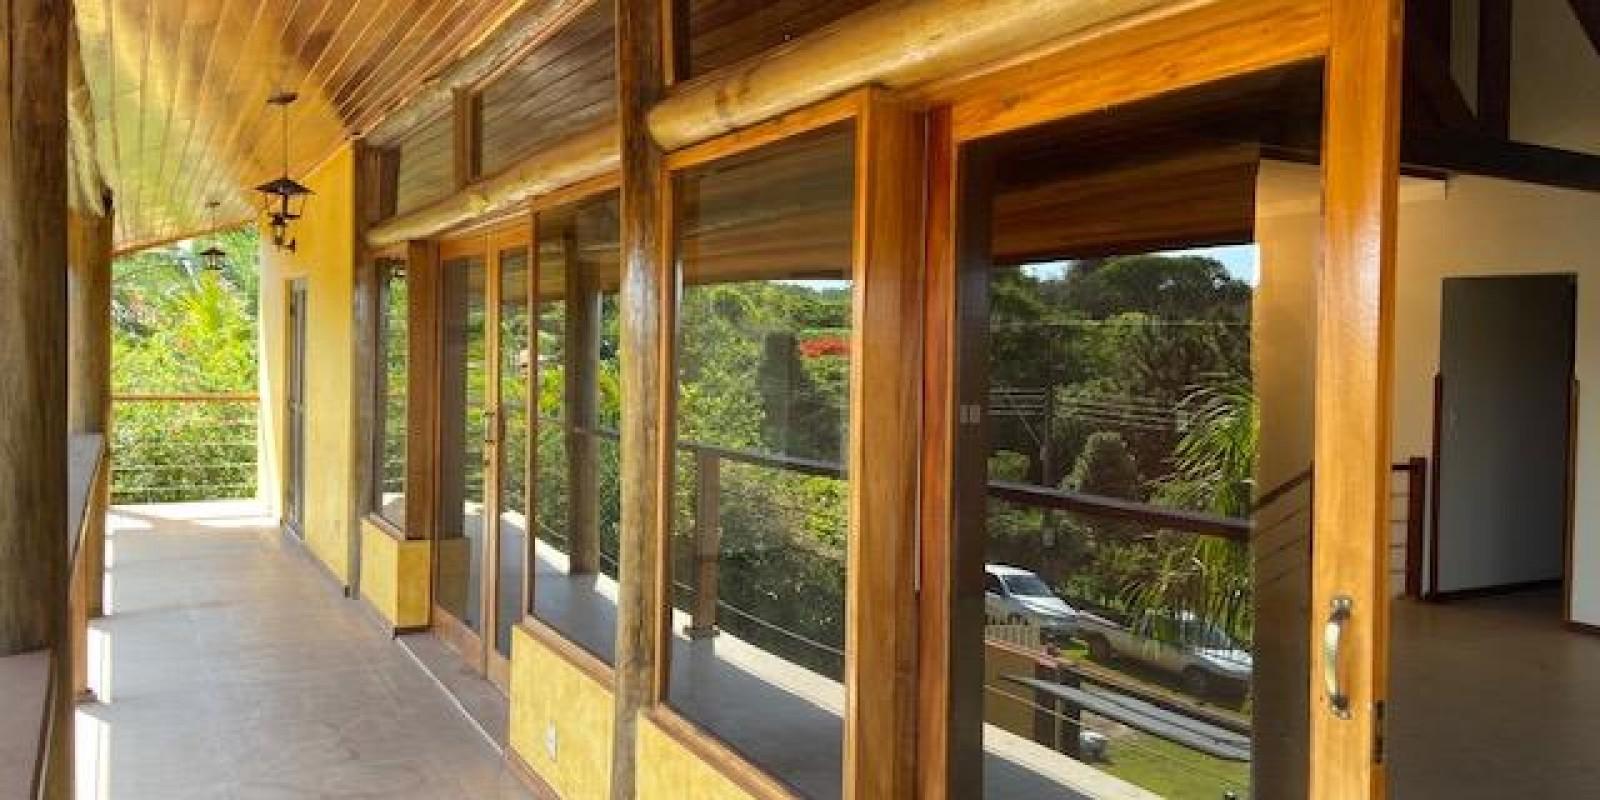 Casa na Represa no Condomínio Estribo em Avaré SP - Foto 4 de 21